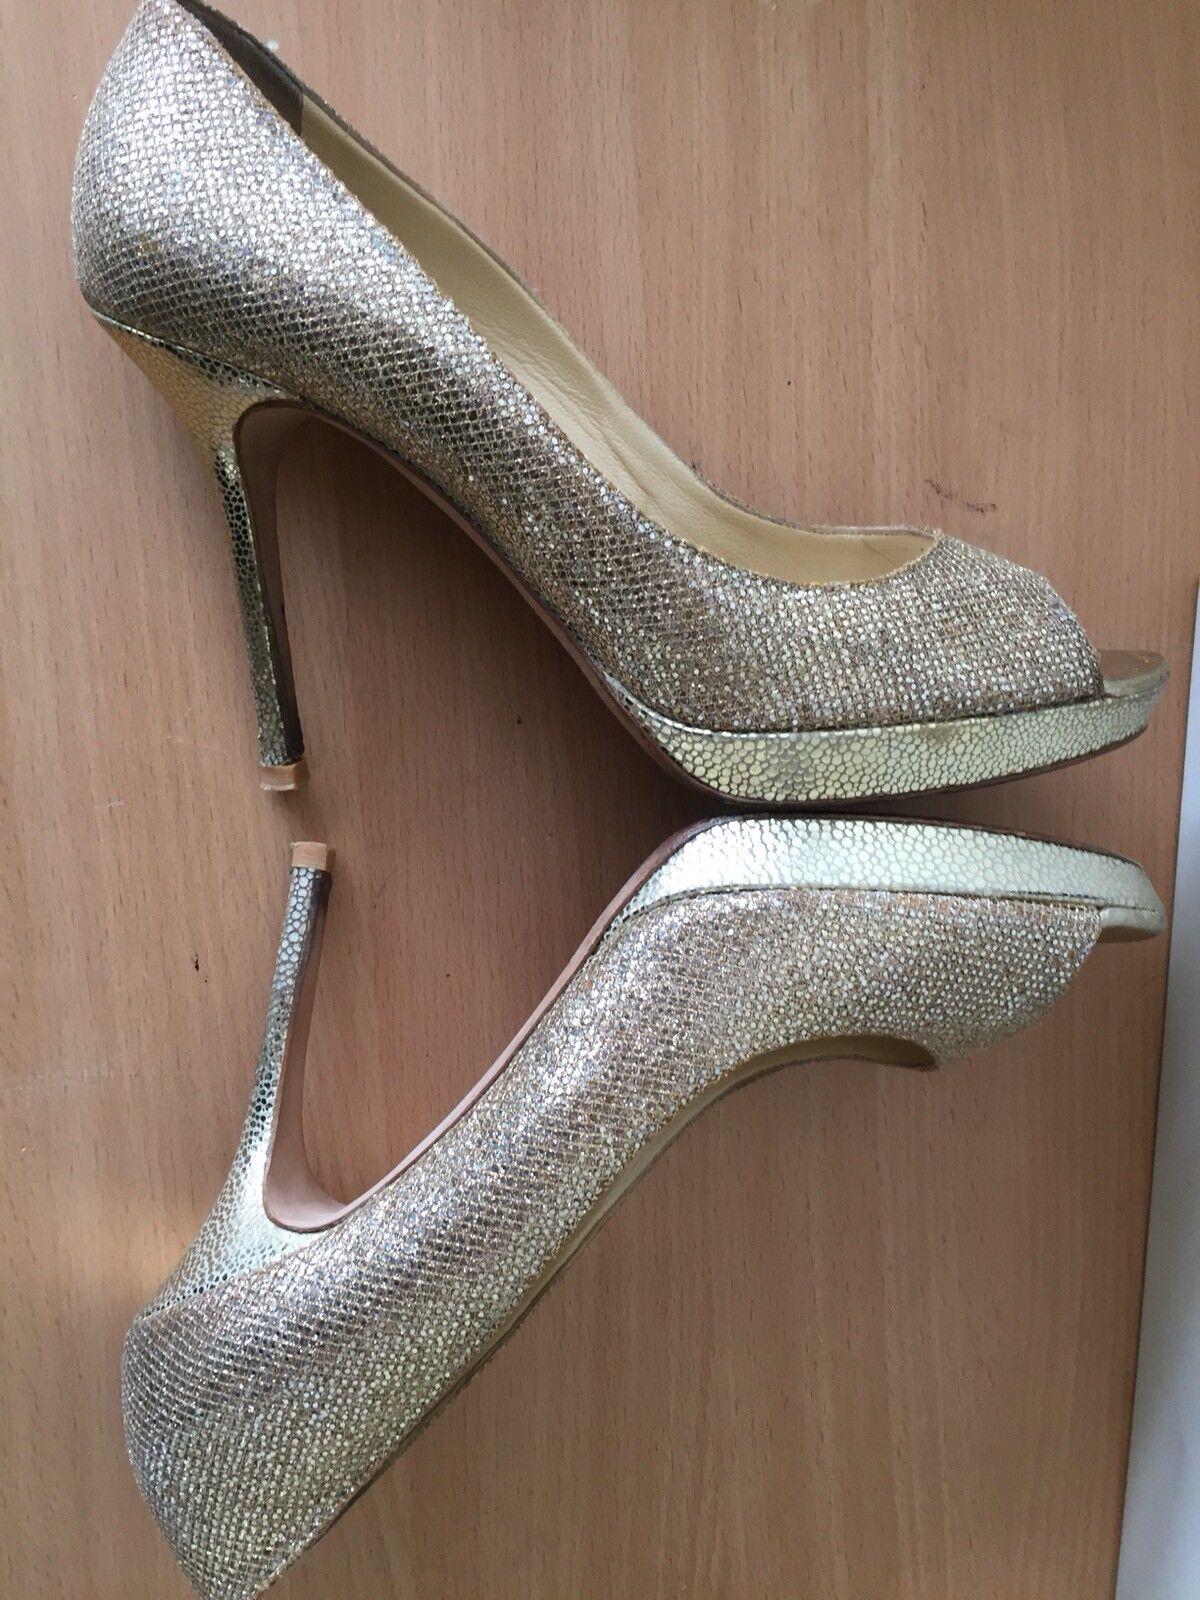 Jimmy Choo 40, Uk 7 Luna golden Open Toes Heels, Heels, Heels, Party, Wedding, Races b6f9fb